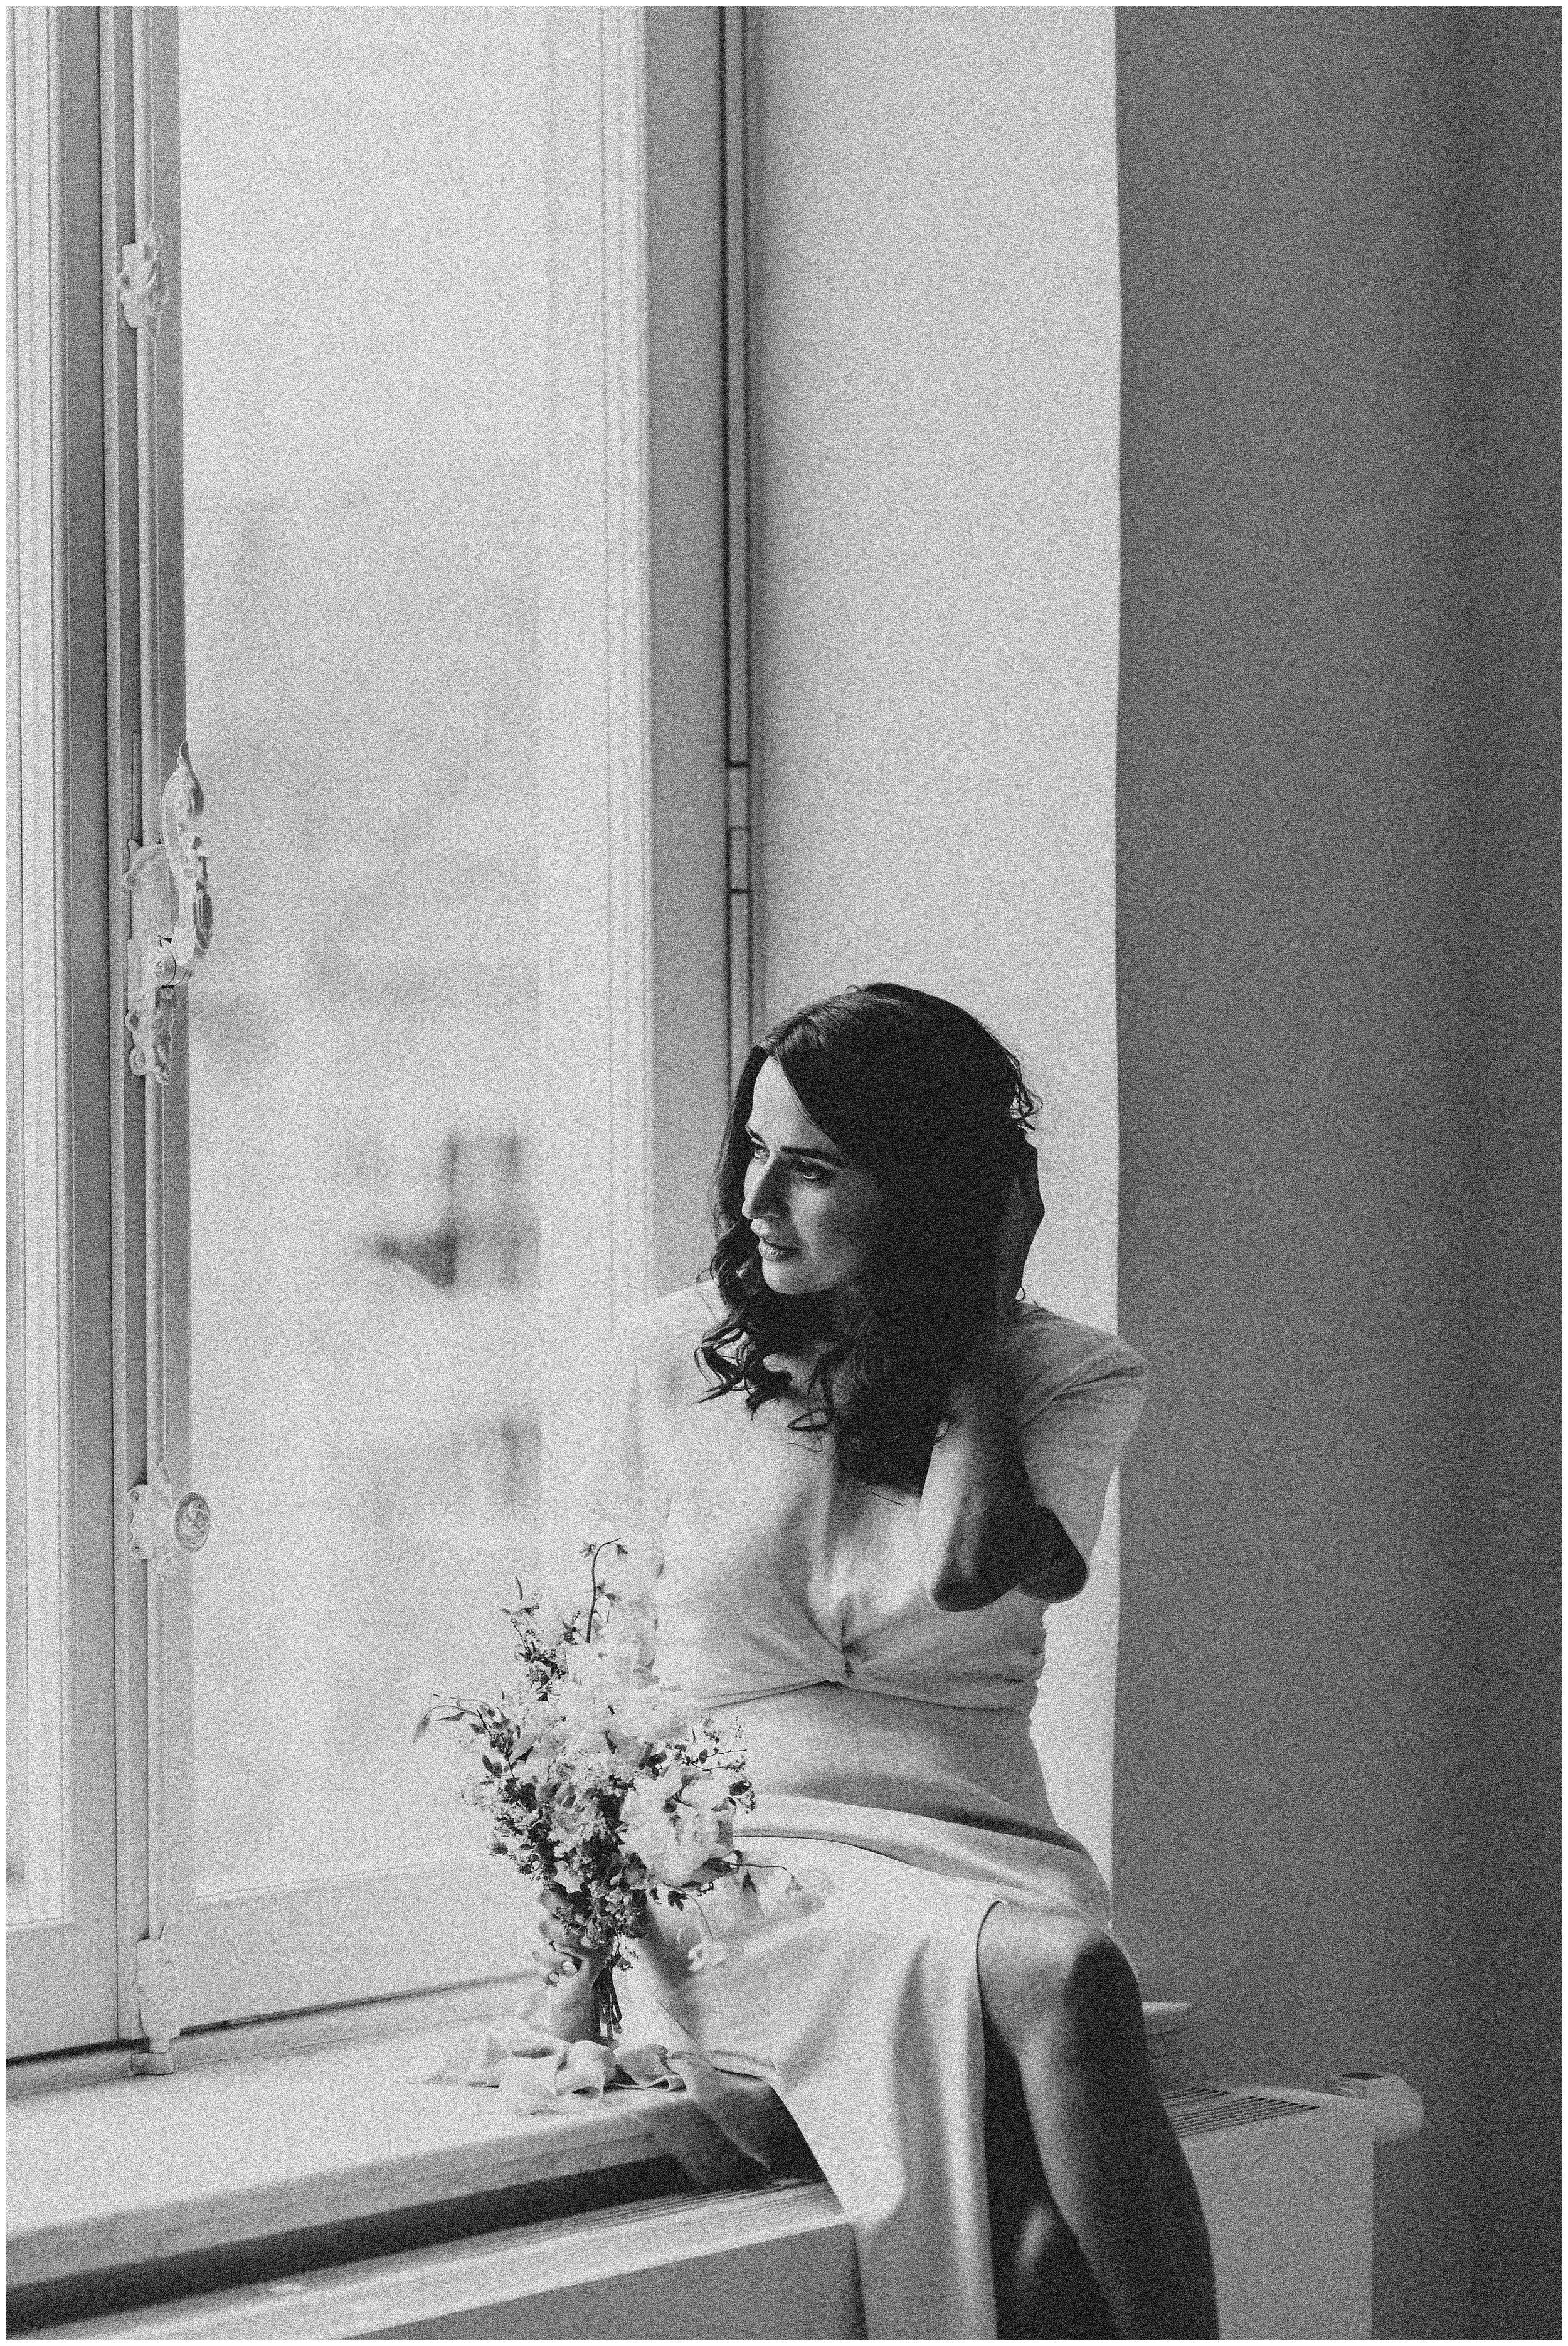 huwelijksfotografie-huwelijk-kempen-kust-lisa-helsen-photography_0012.jpg